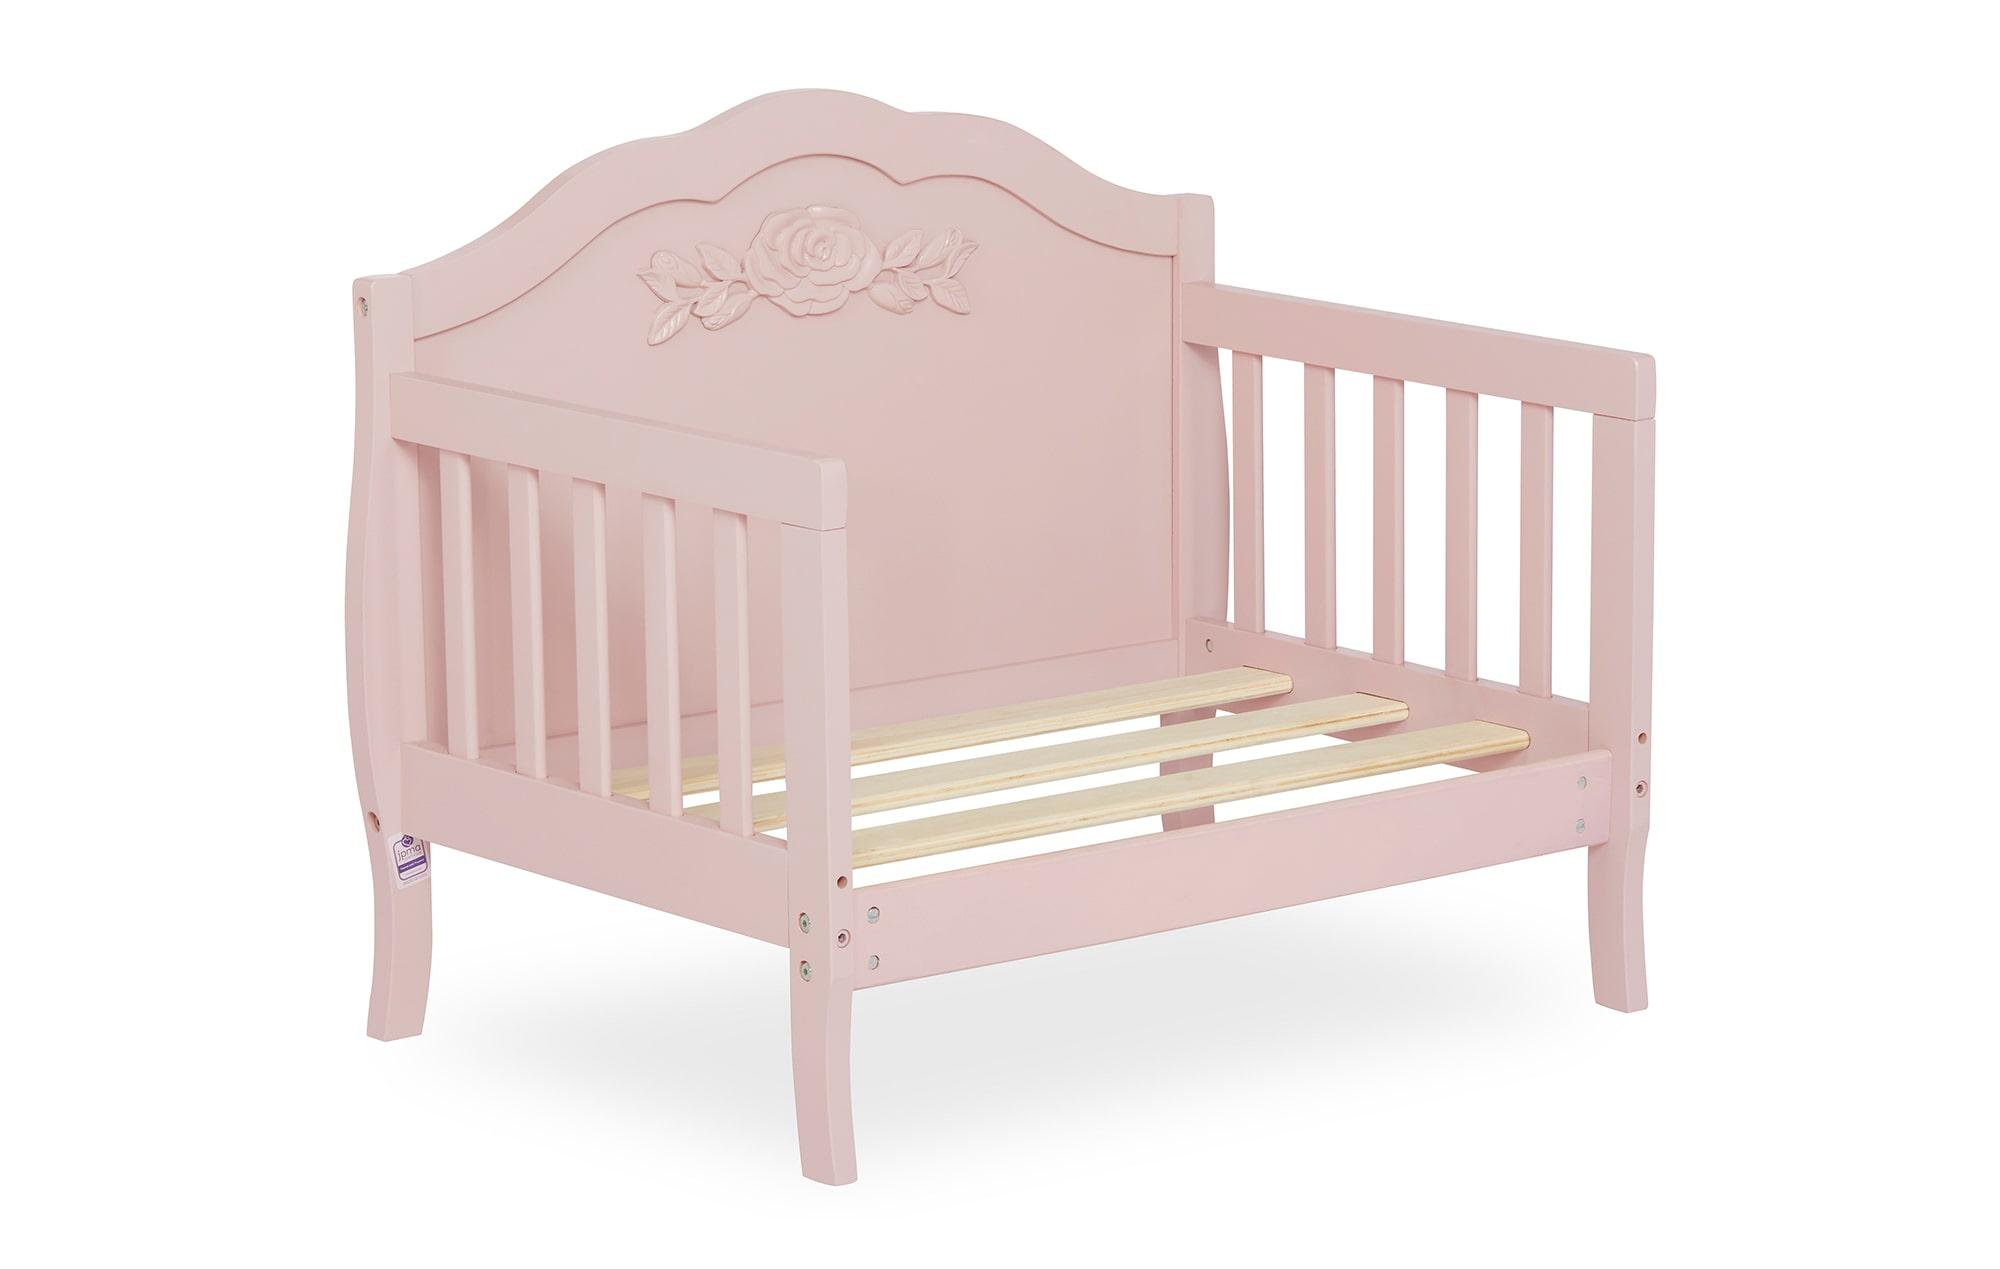 640_BLUSH Rose Toddler Bed Silo 9